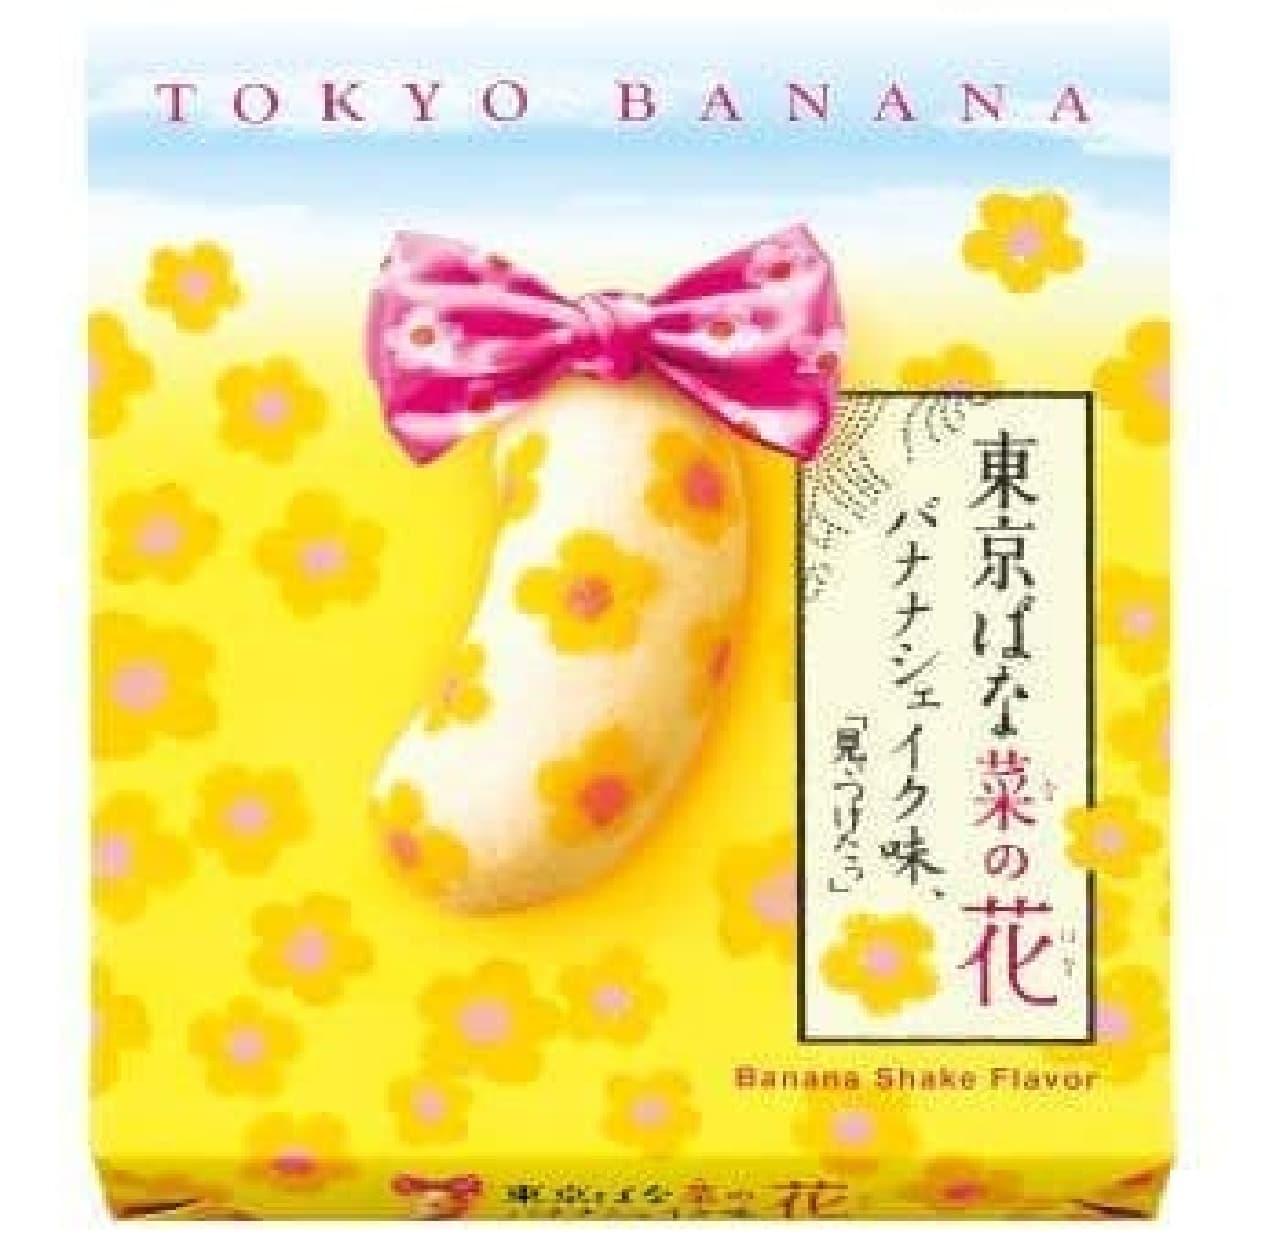 「東京ばな菜の花」はバニラ風味のスポンジにミルク風味のバナナカスタードが使われたお菓子